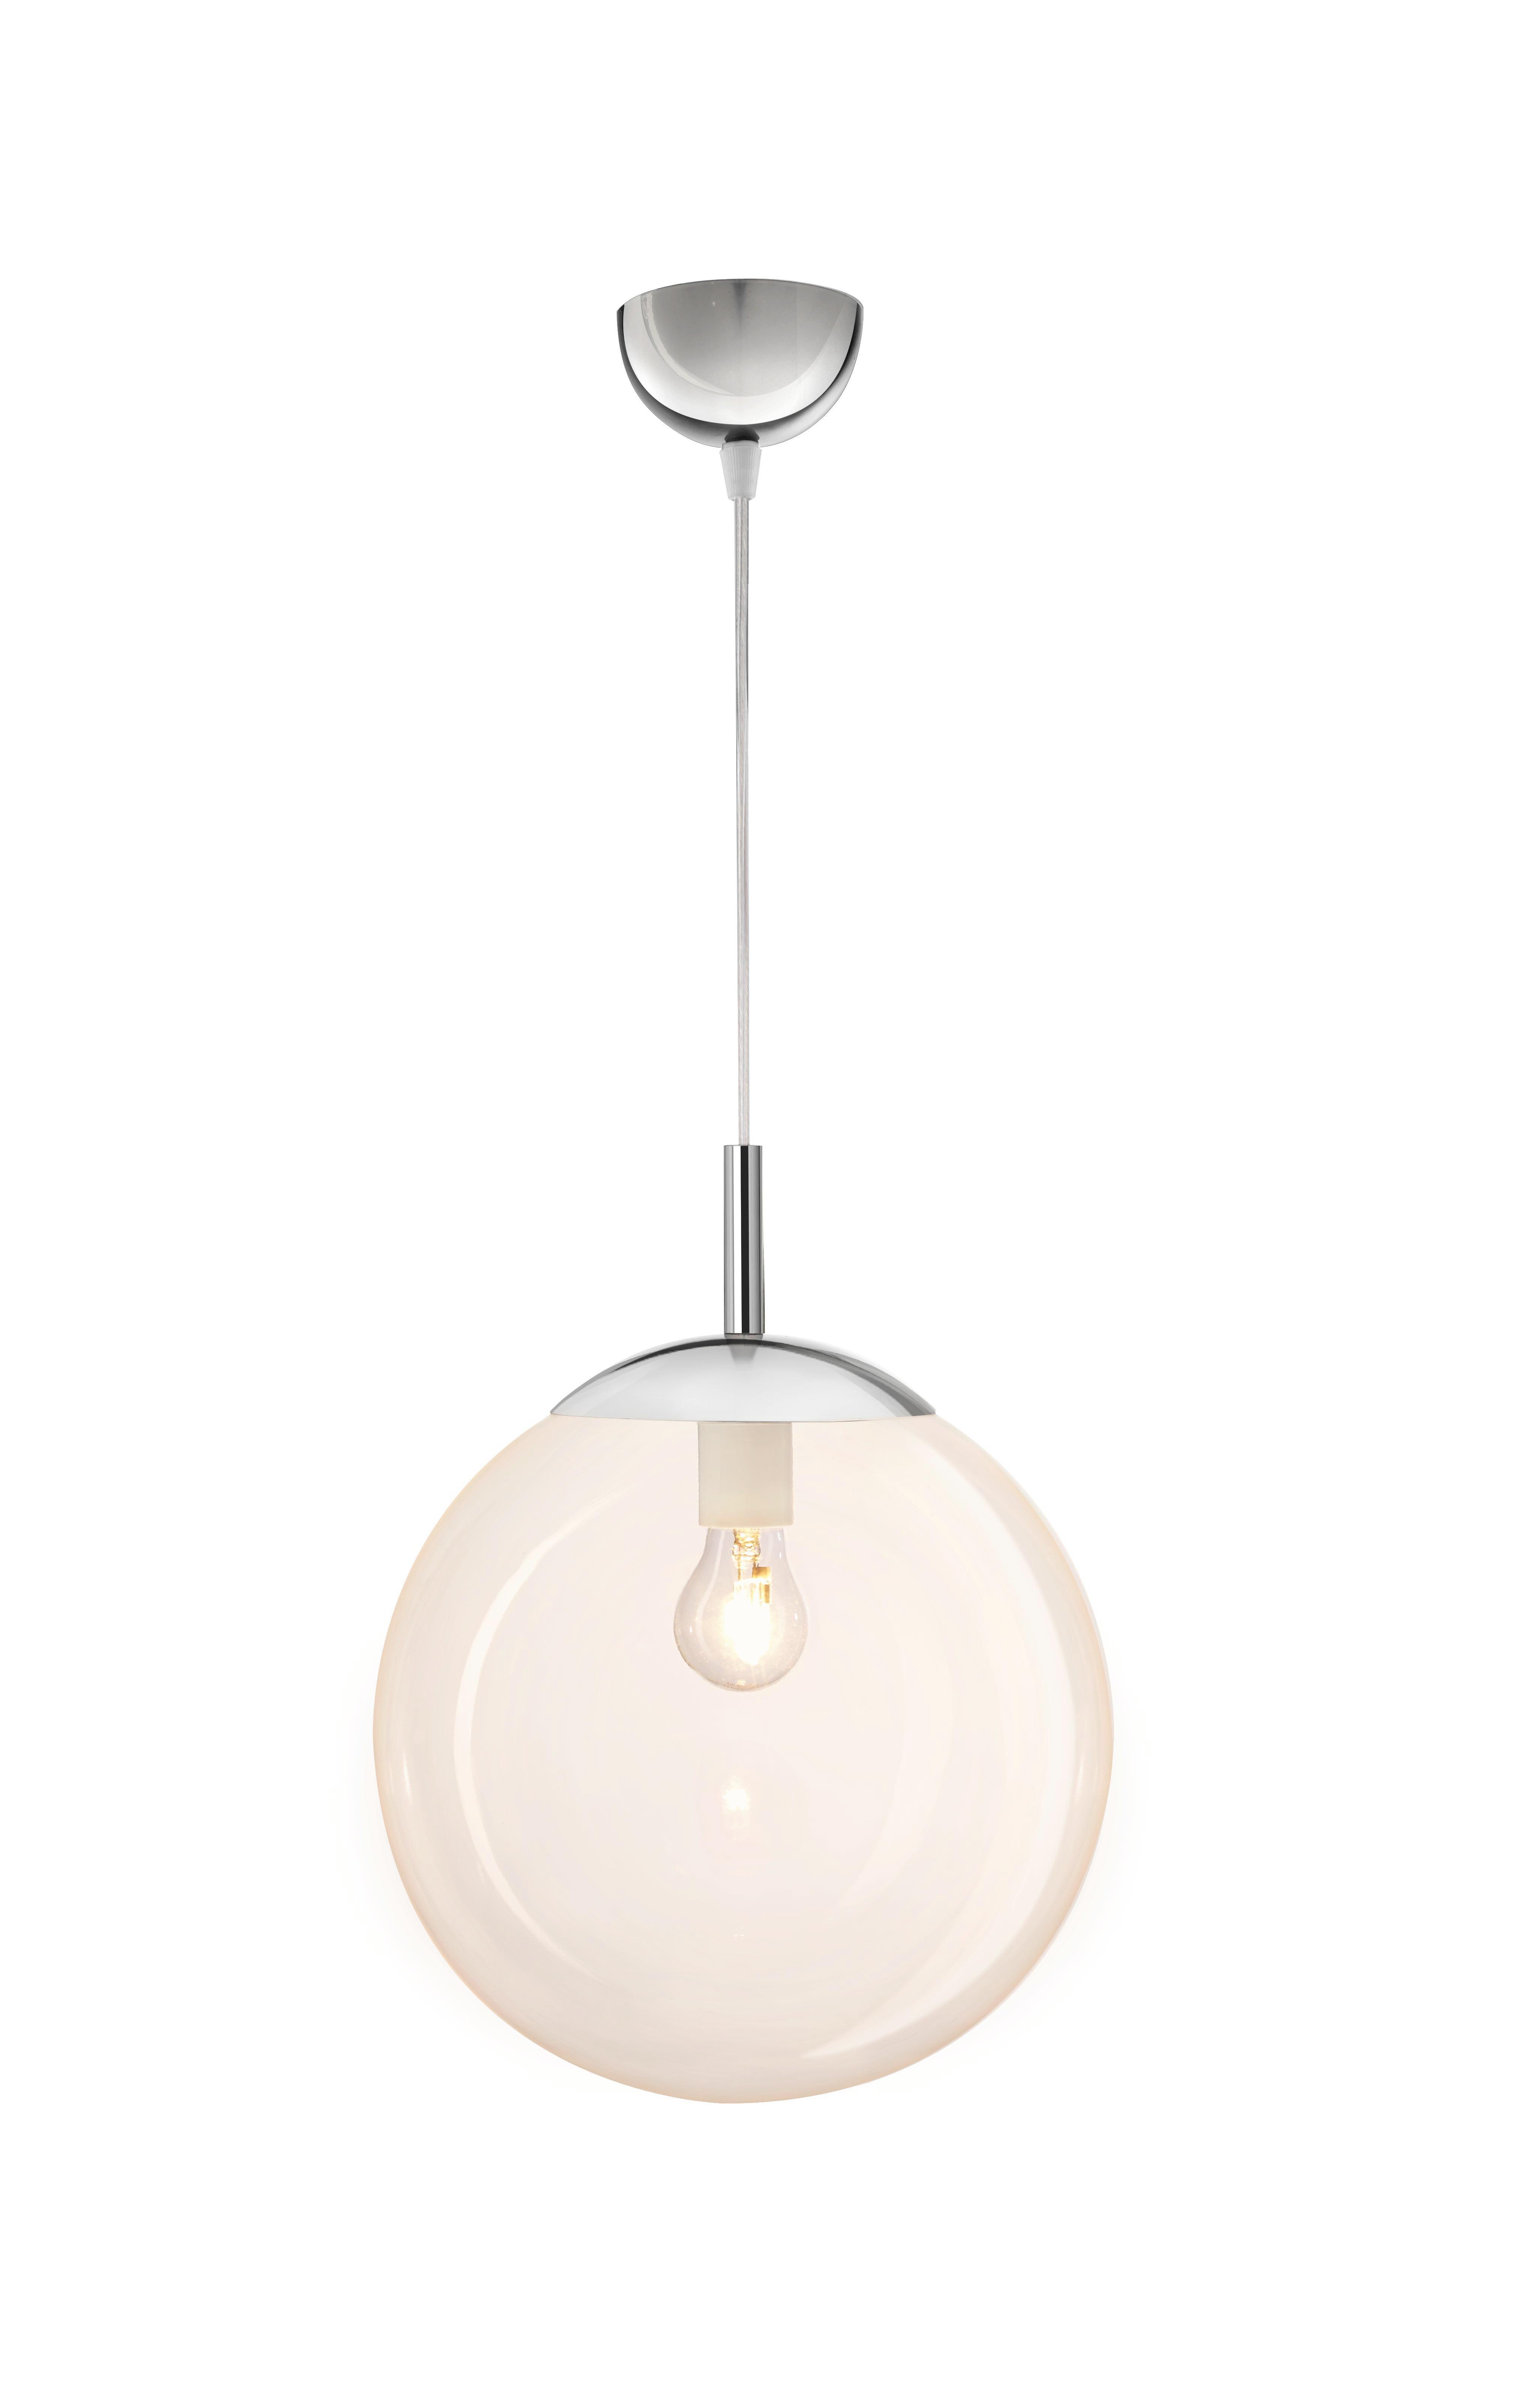 Hängeleuchte Enni, max. 60 Watt - Bernsteinfarben, KONVENTIONELL, Glas/Kunststoff (30/30cm) - MÖMAX modern living